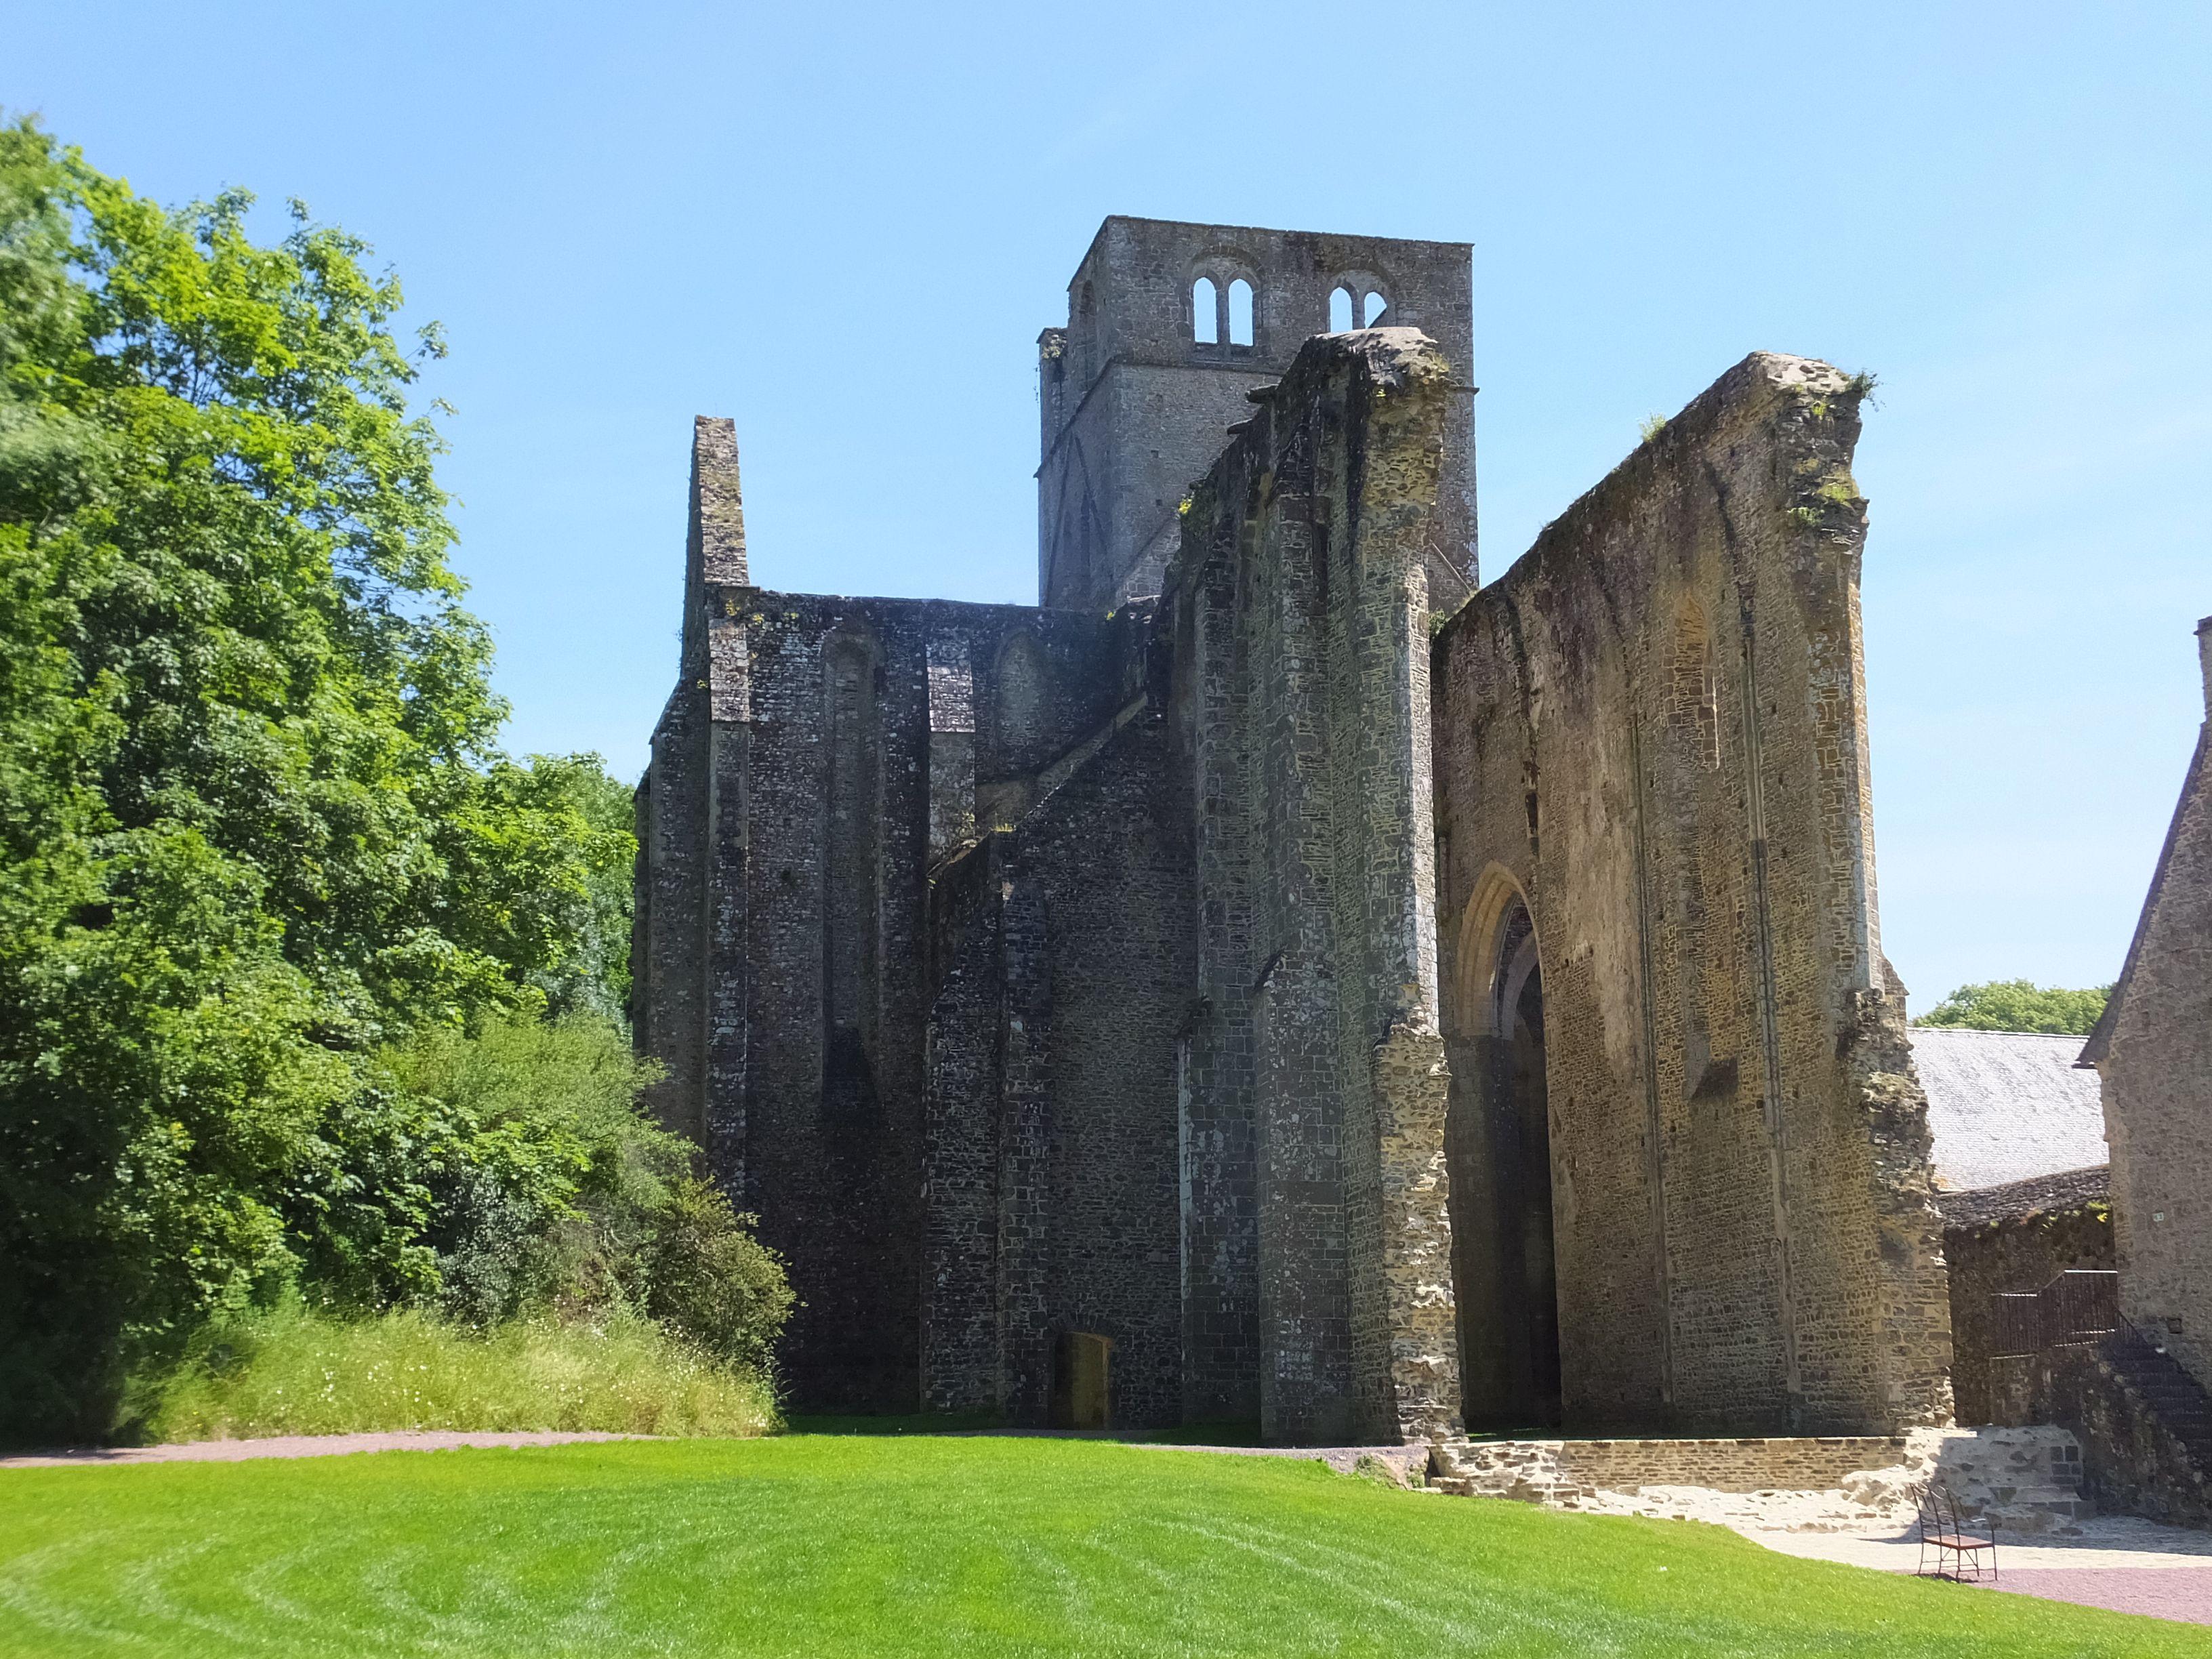 L'abbaye de Hambye fondée au 12e siècle. Manche